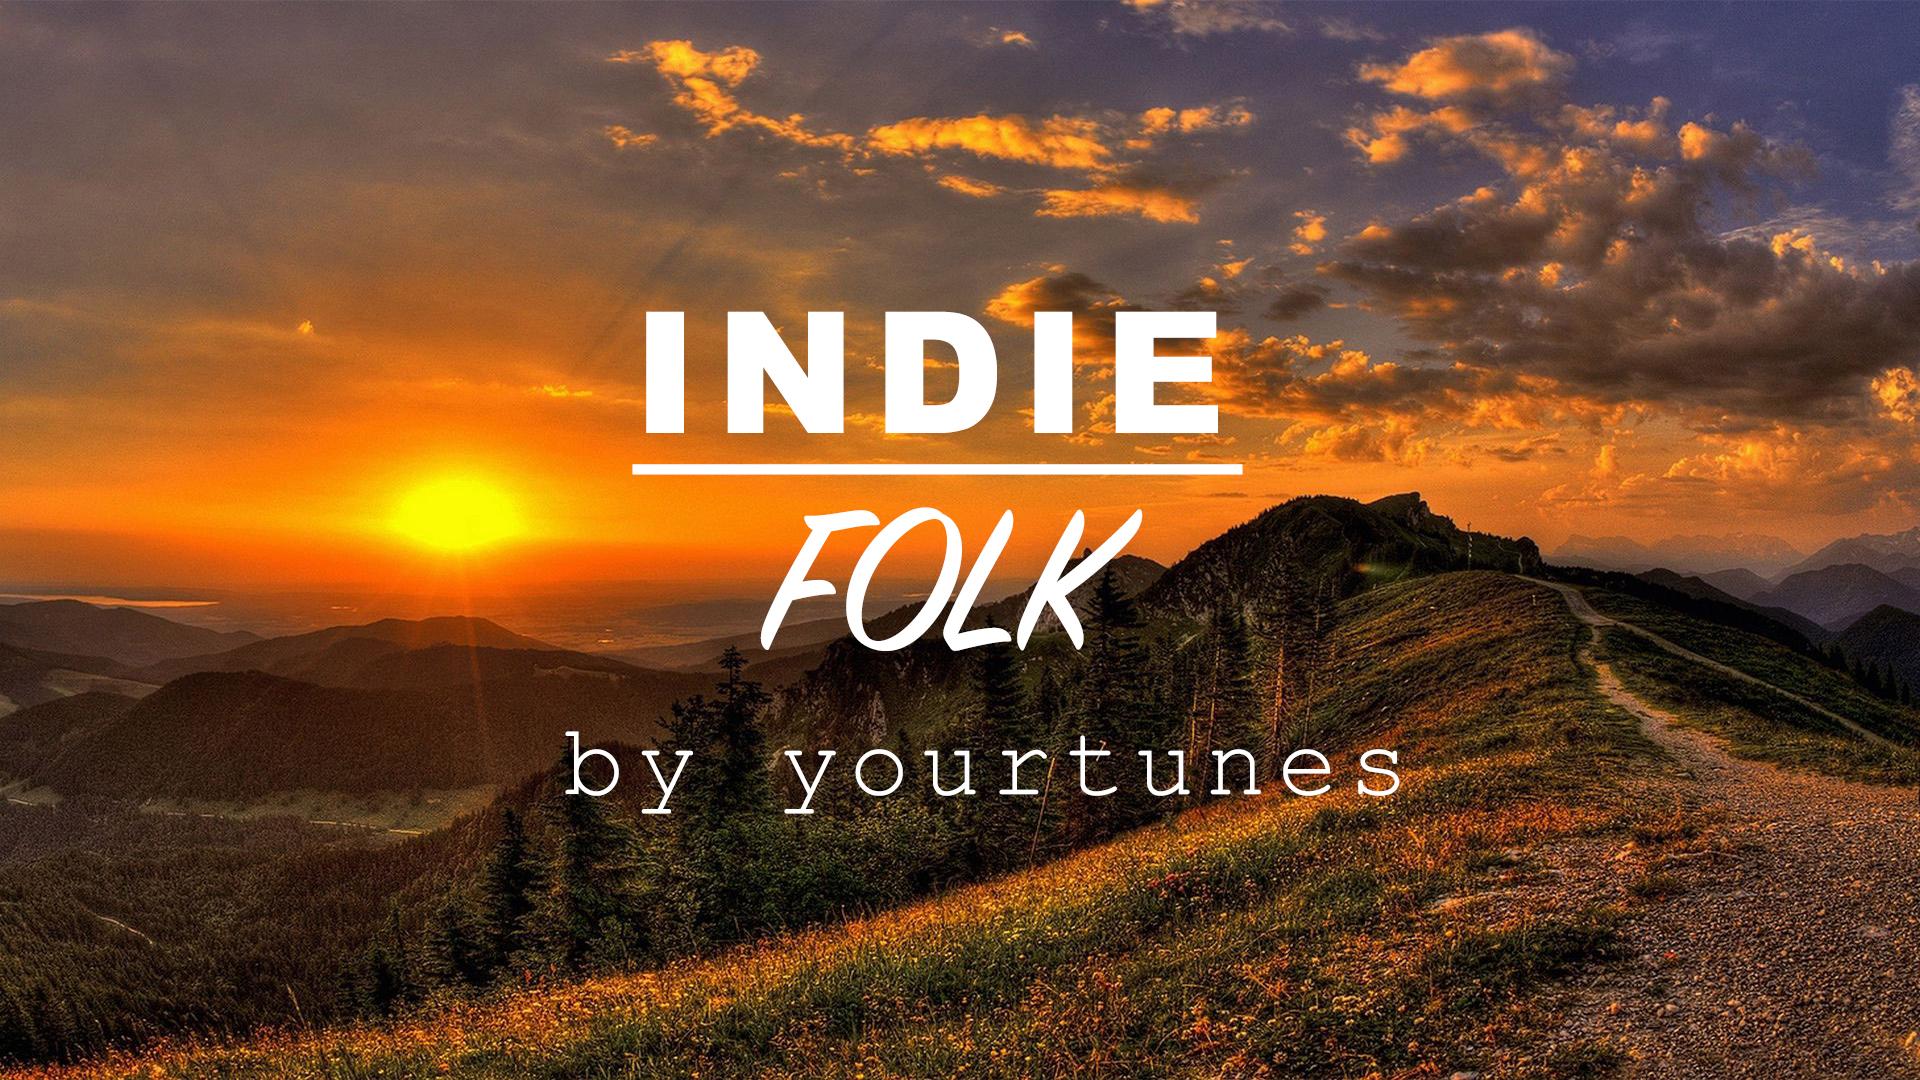 Indie_Folk